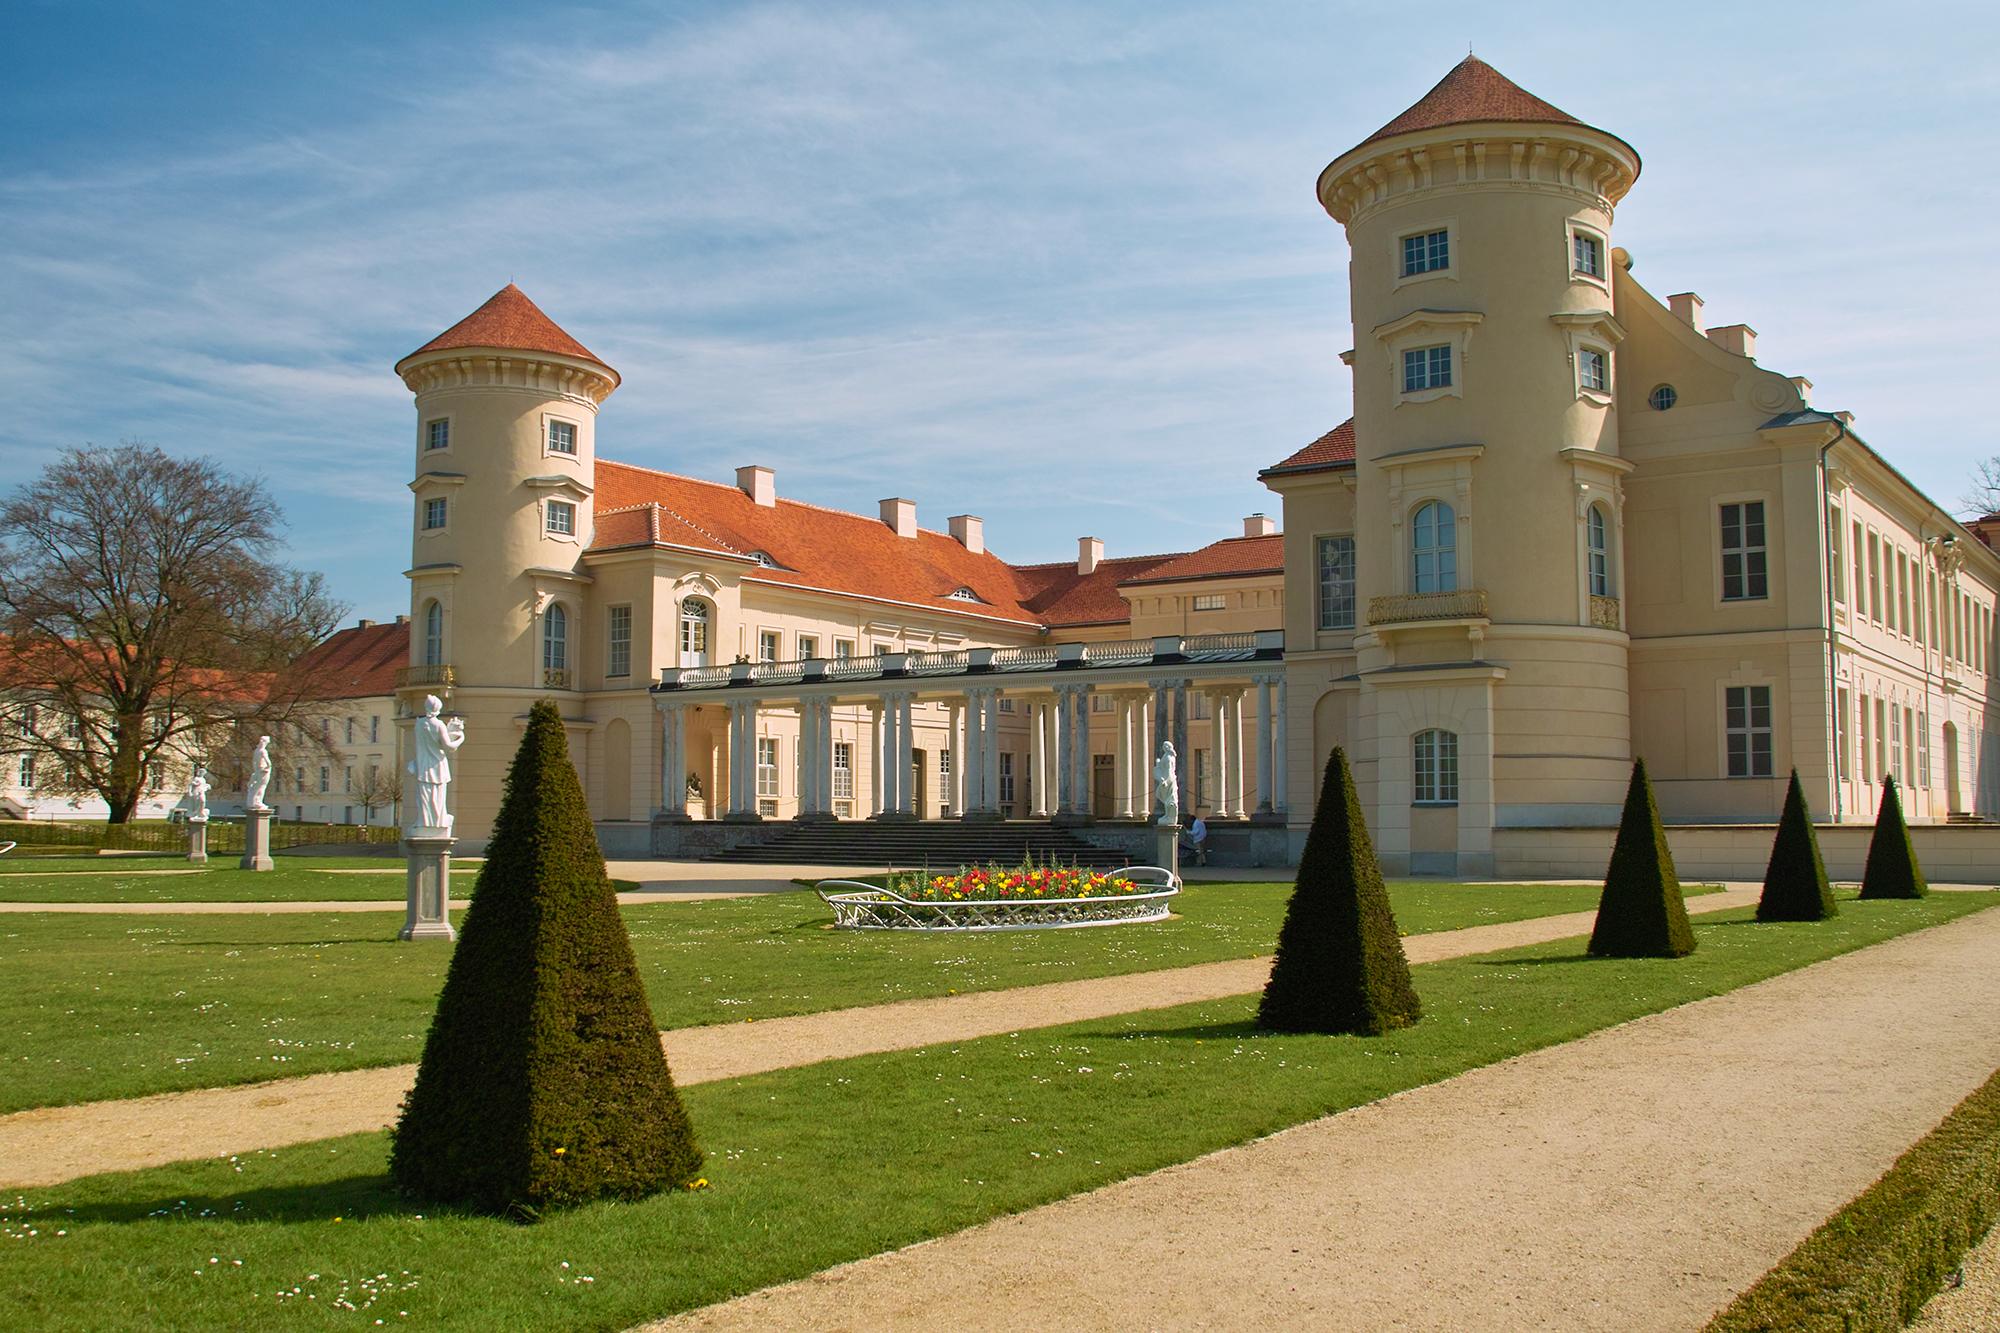 Blick auf das Rheinsberger Schloss